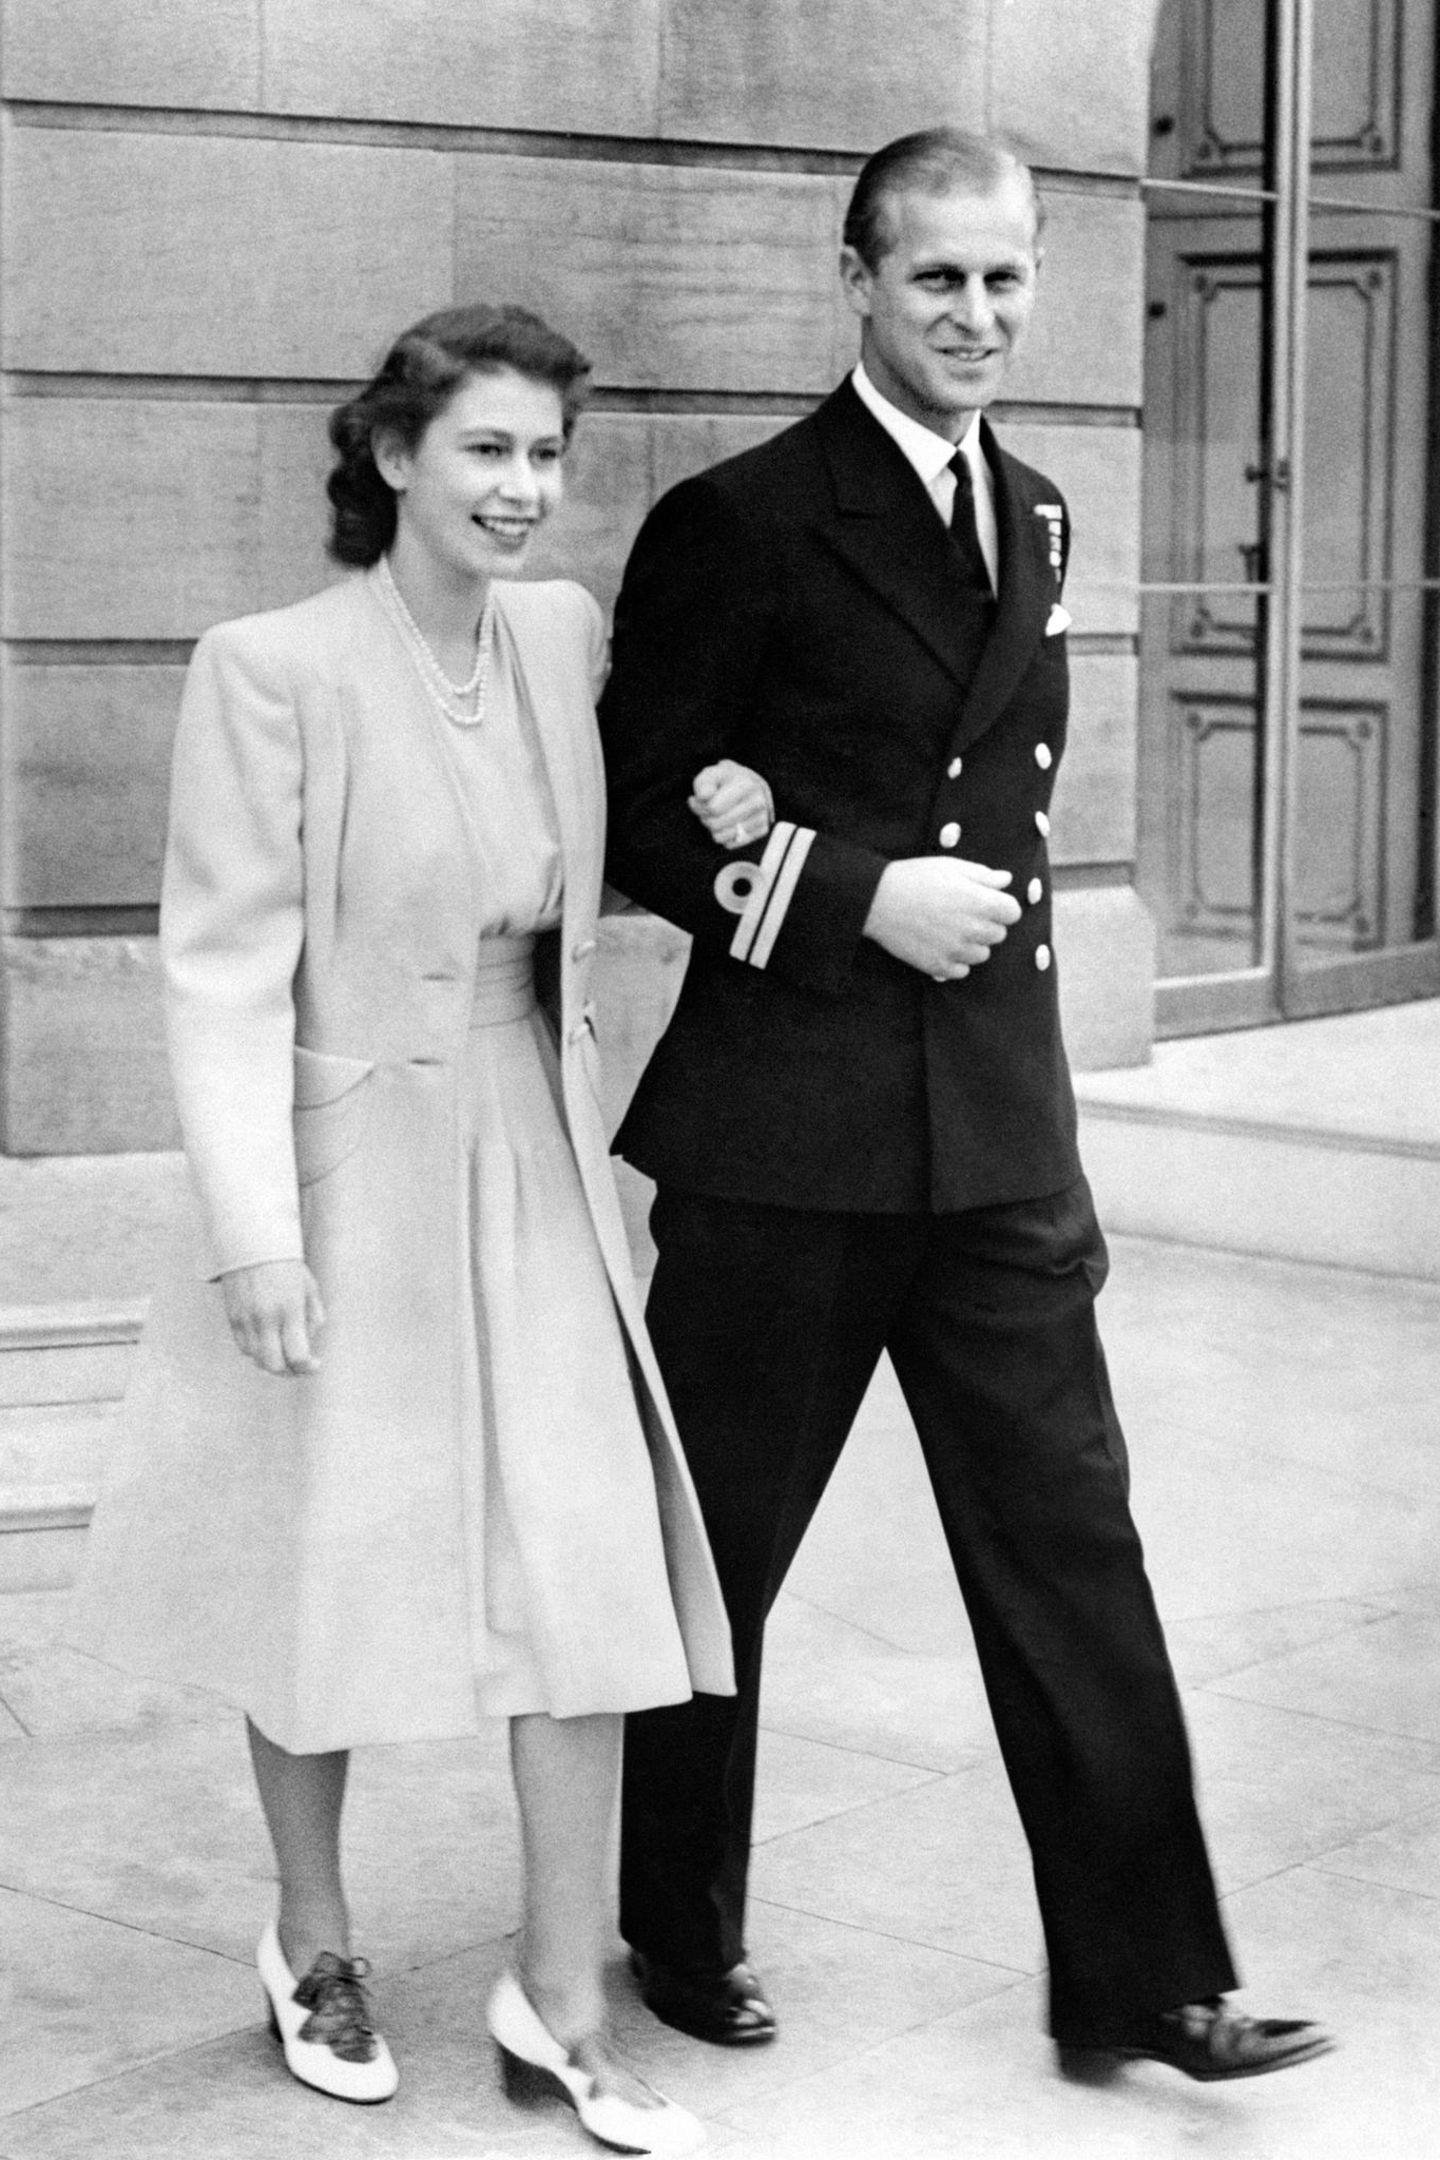 10. Juli 2018  Einen Tag nach ihrer Verlobung (10. Juli 1947) strahlen Queen Elizabeth II undPhilip Mountbatten in der Öffentlichkeit.